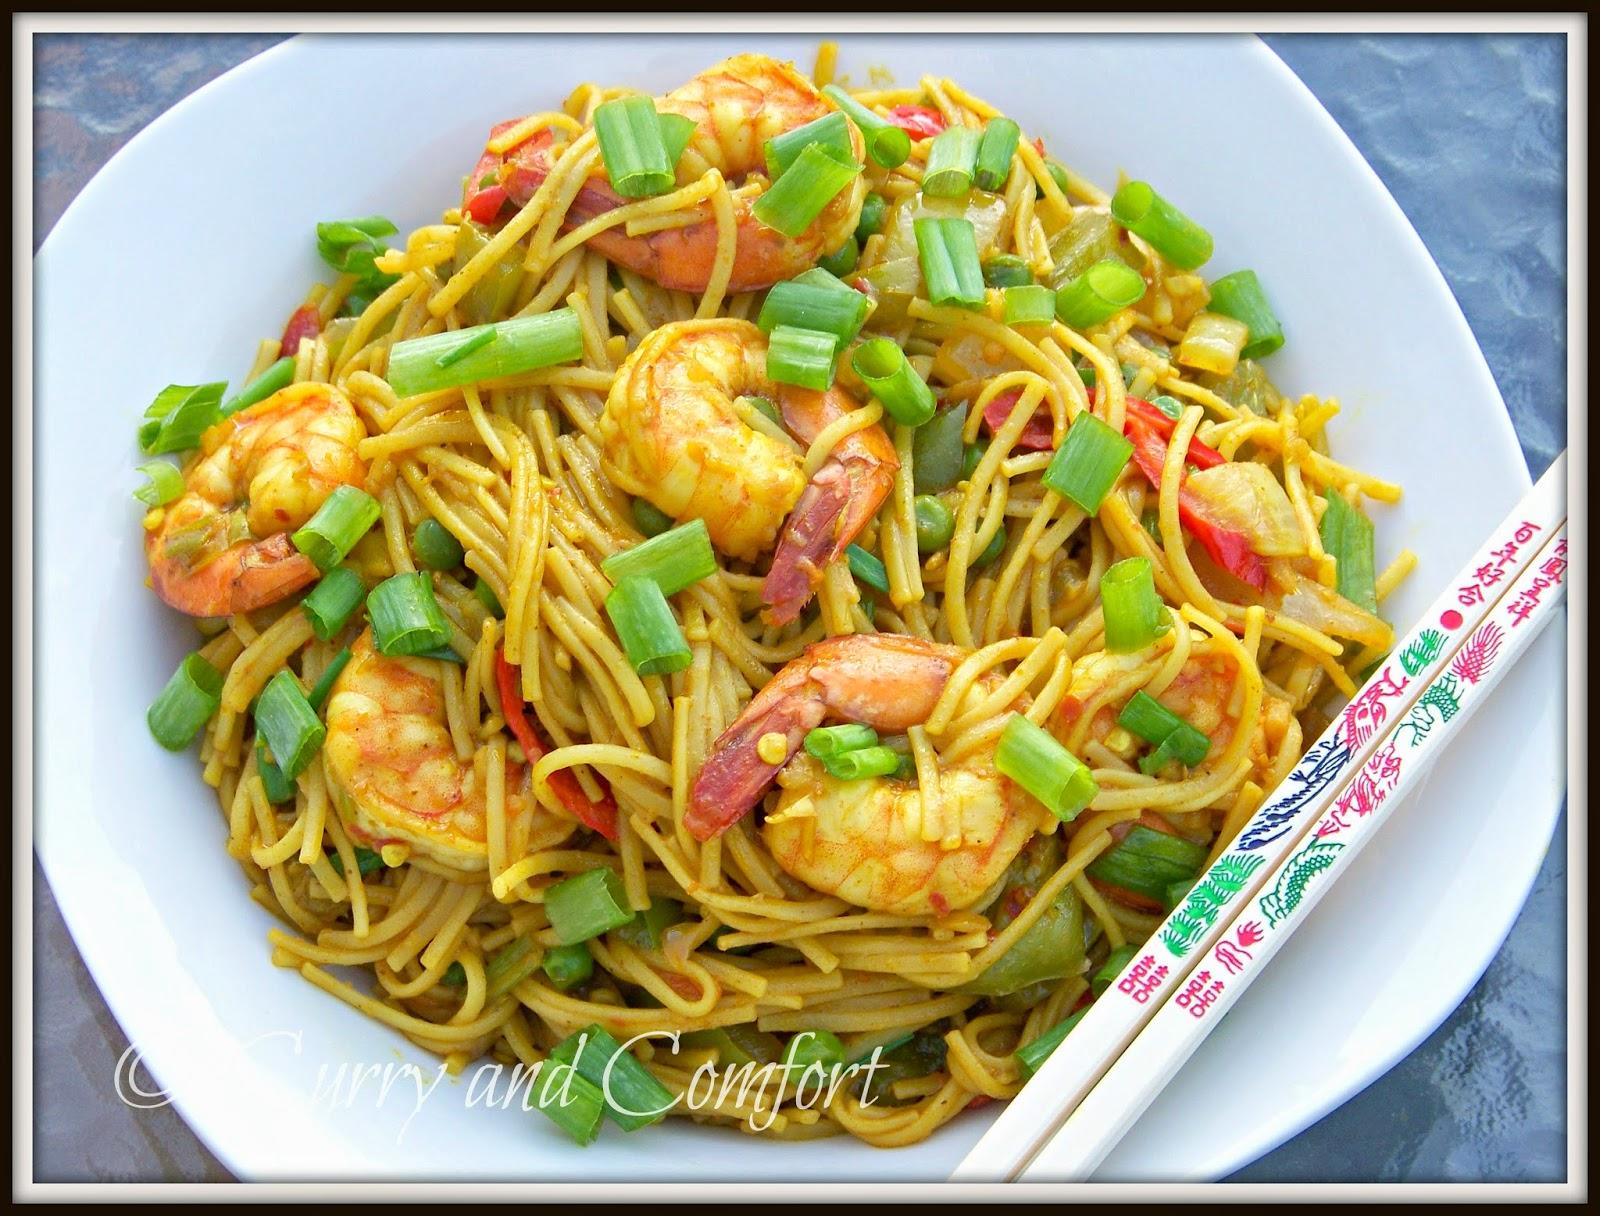 Kitchen Simmer: Singapore Noodles with Shrimp